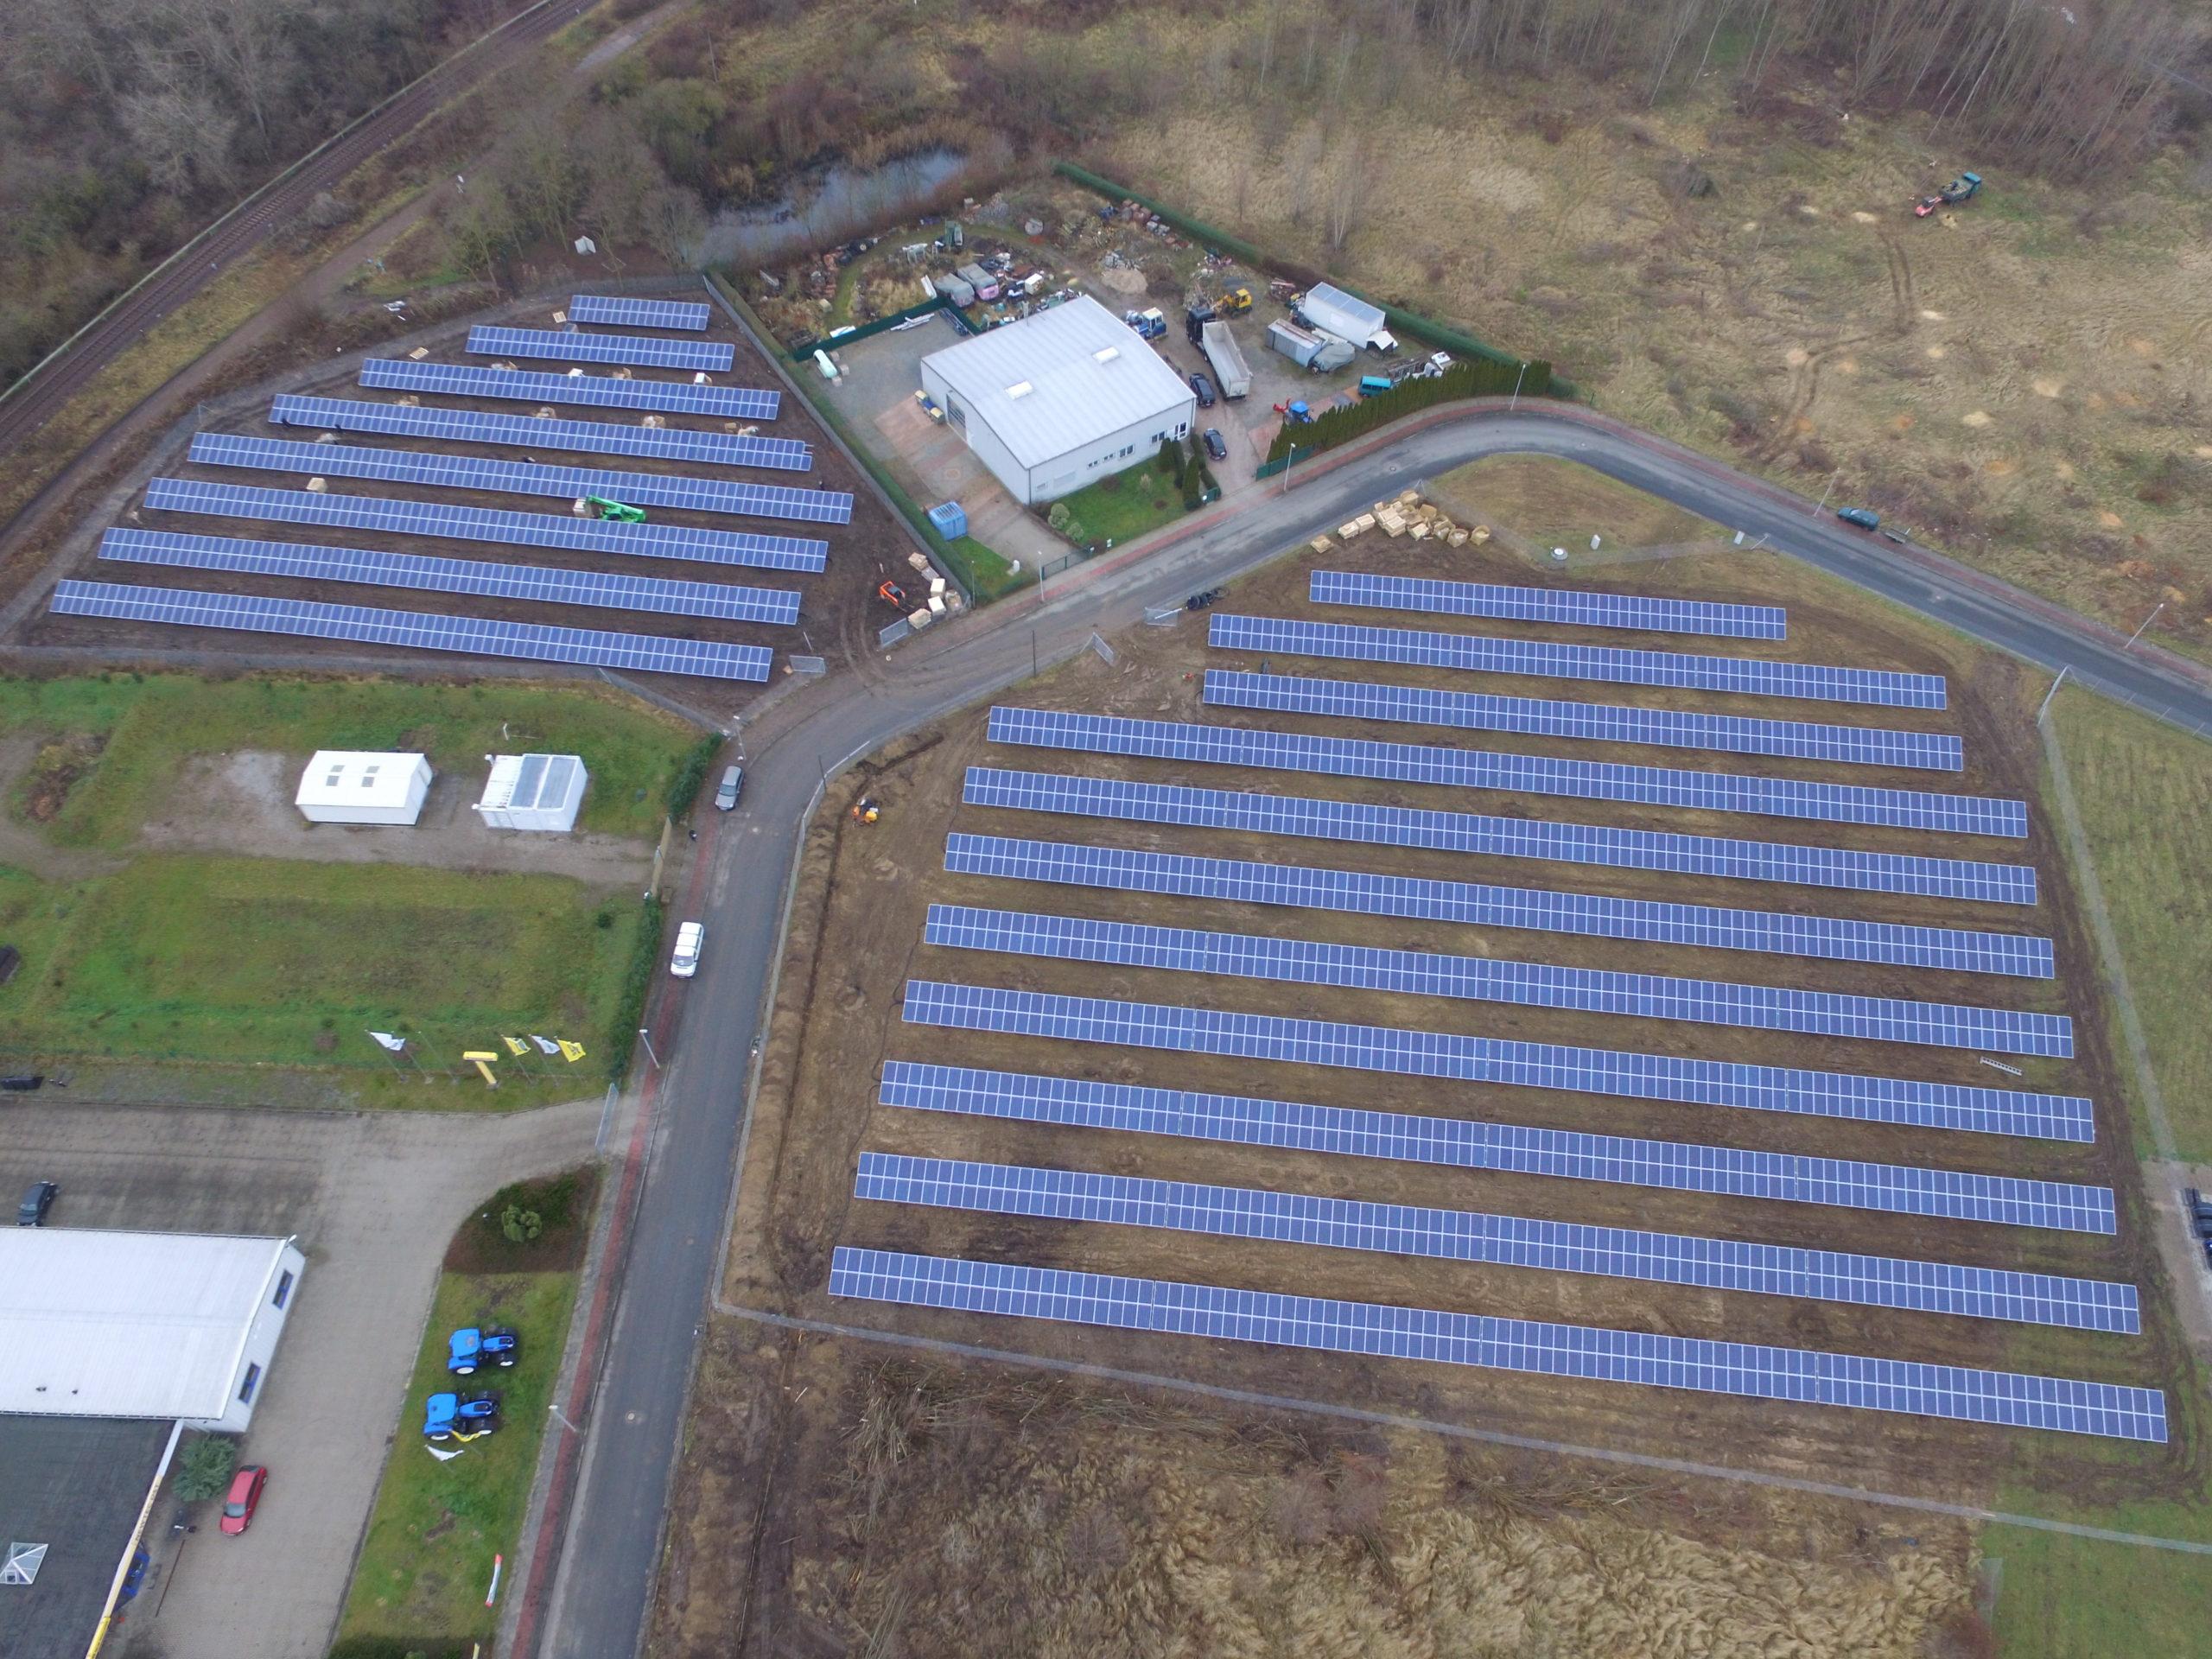 Farma fotowoltaiczna o mocy 750 kWp, Magdeburg Niemcy.